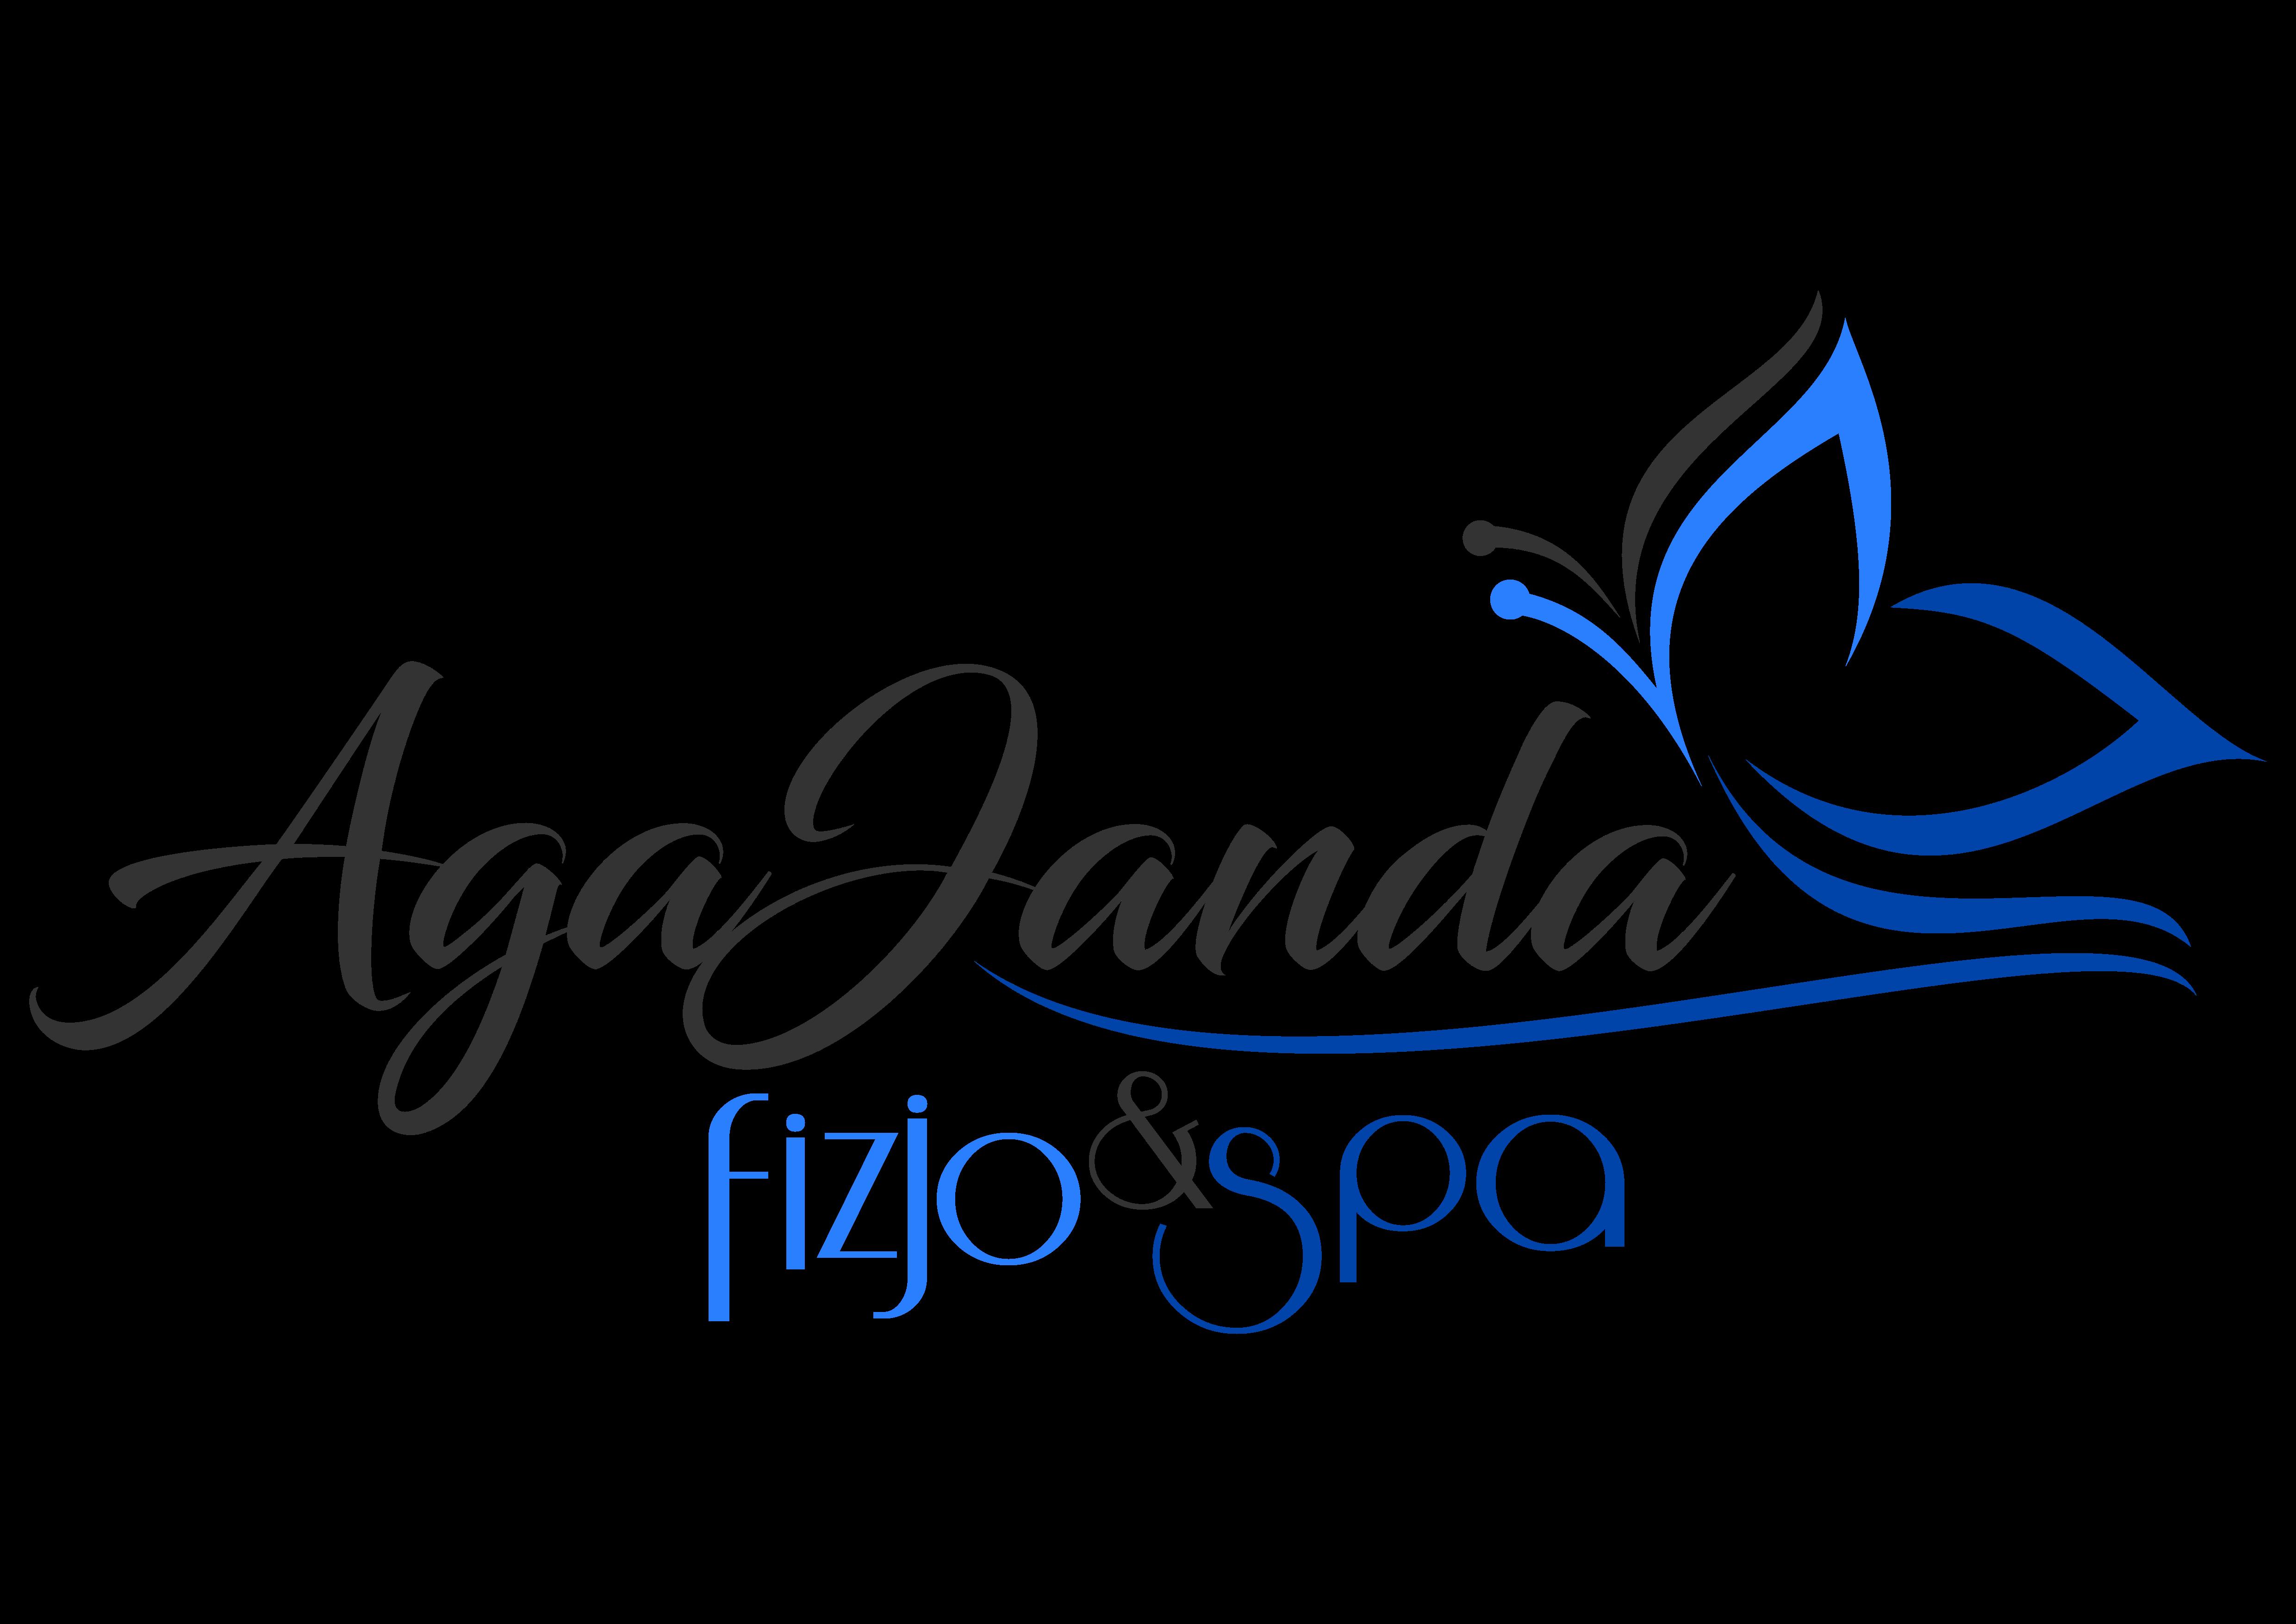 Logo AgaJanda fizjo&spa Agnieszka Janda